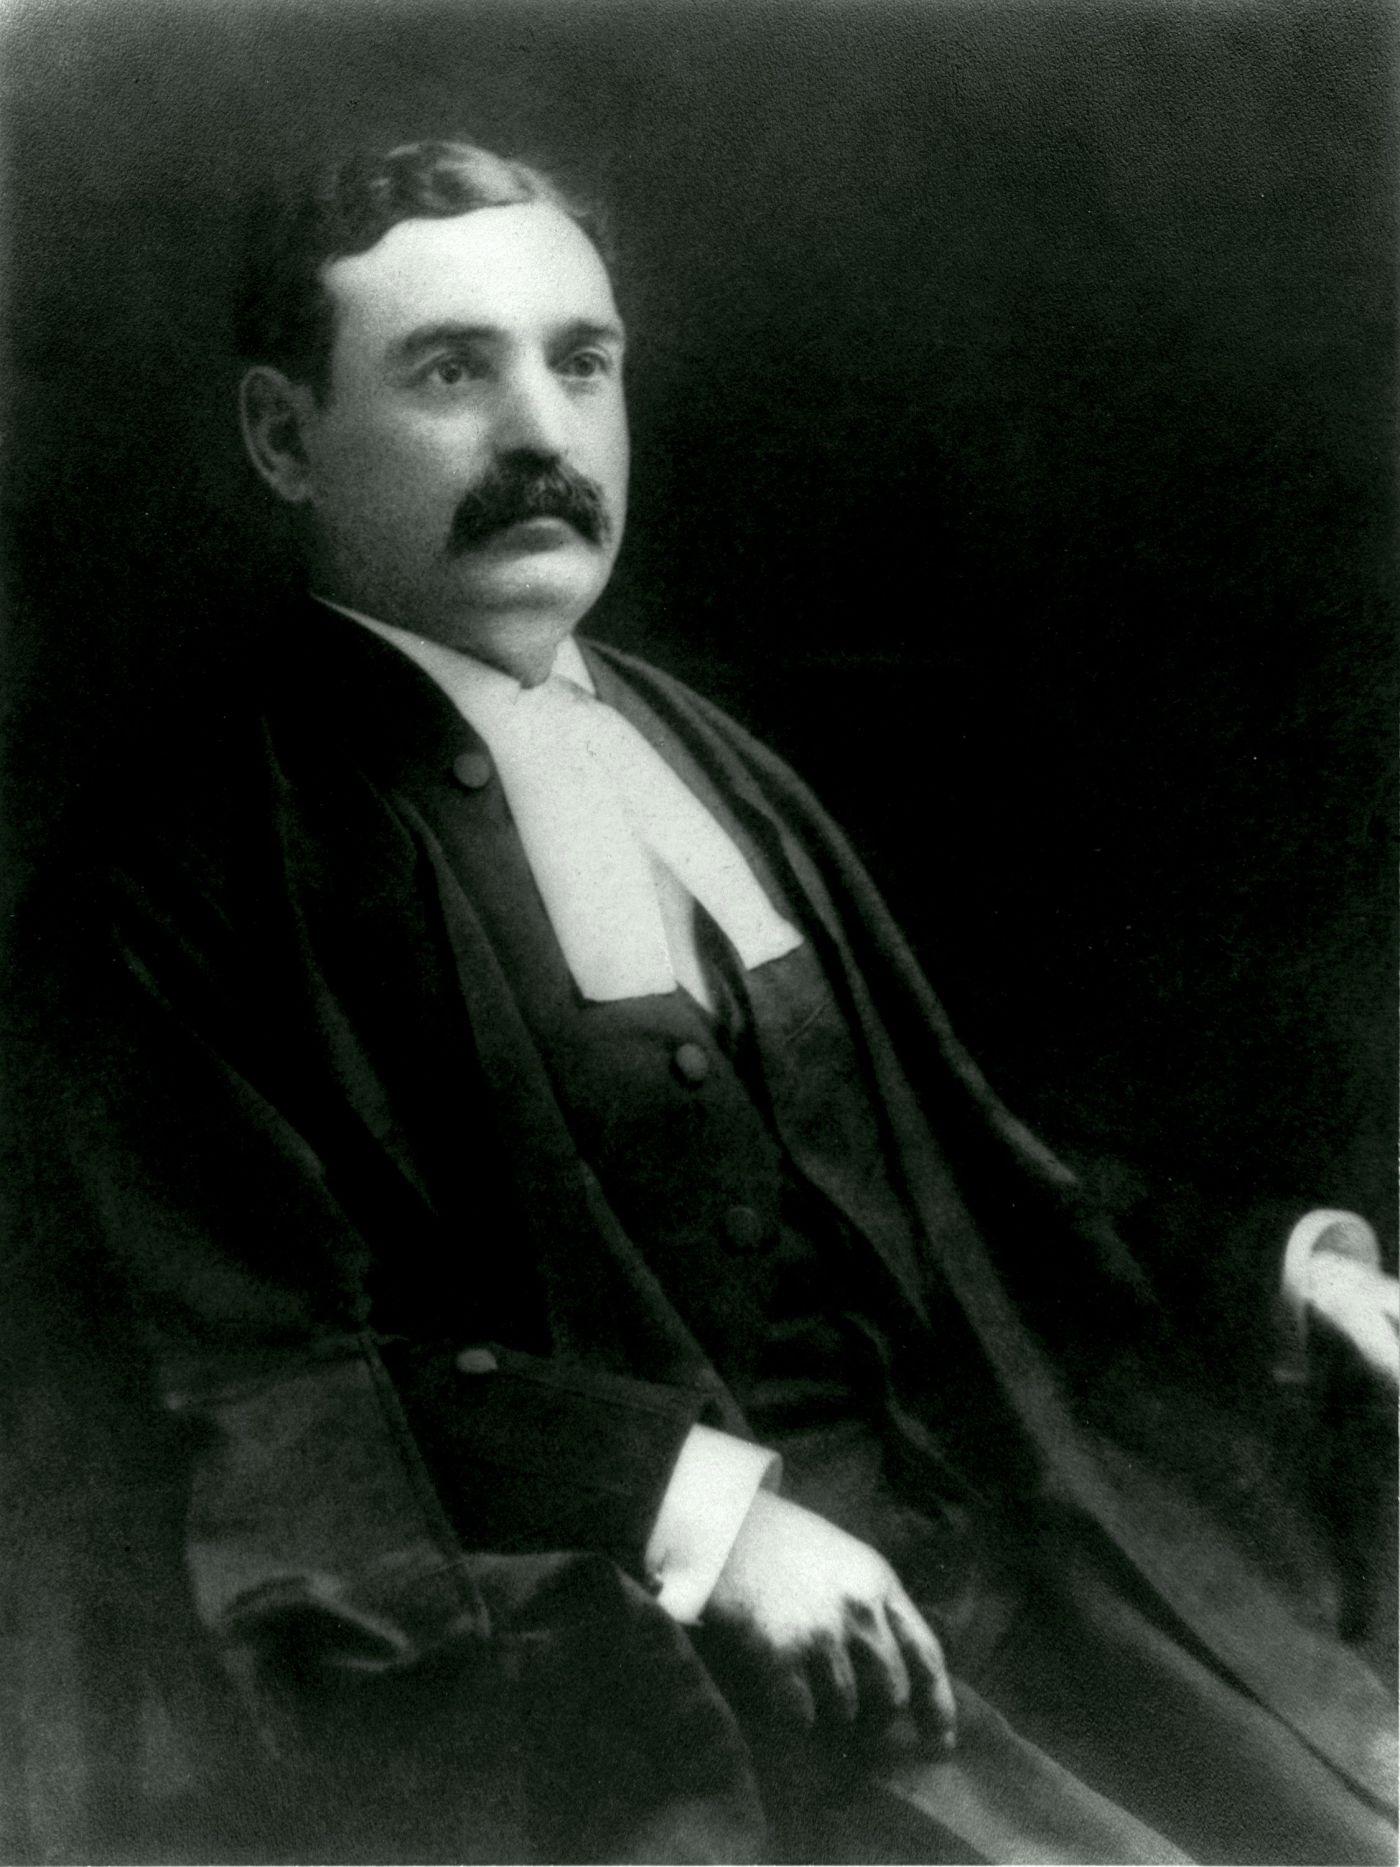 Photographie prise en studio, en noir et blanc, d'un homme d'âge moyen, arborant la moustache.  Il porte la toge ample et longue et le col blanc des avocats.